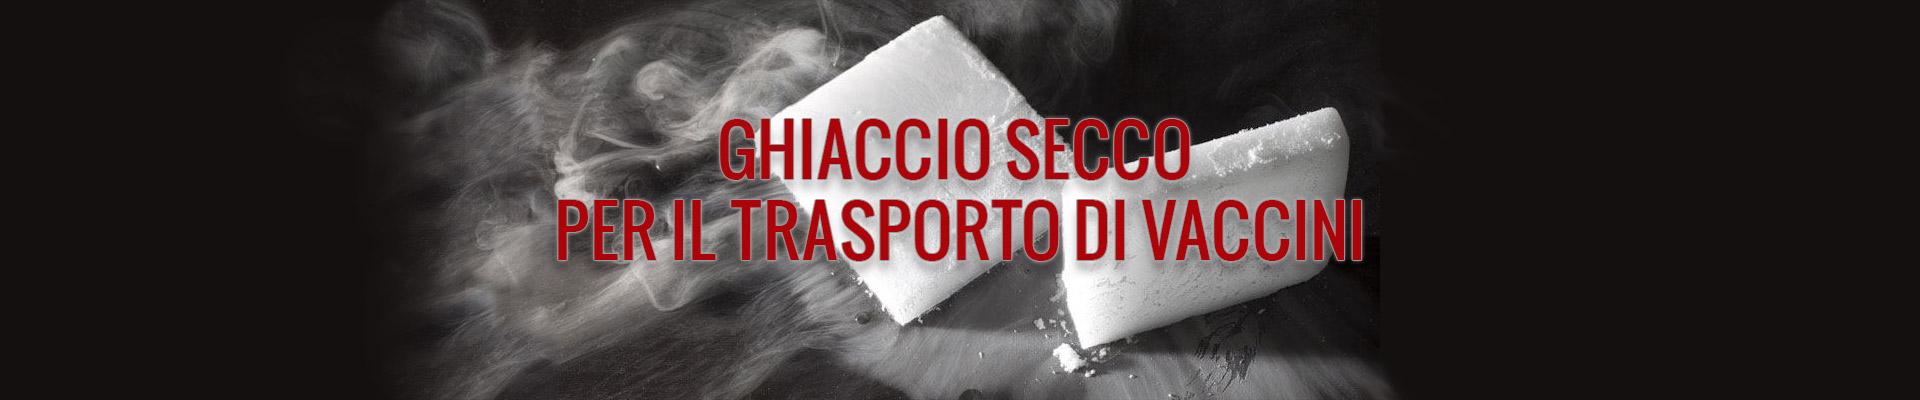 slide-ghiaccio-secco1